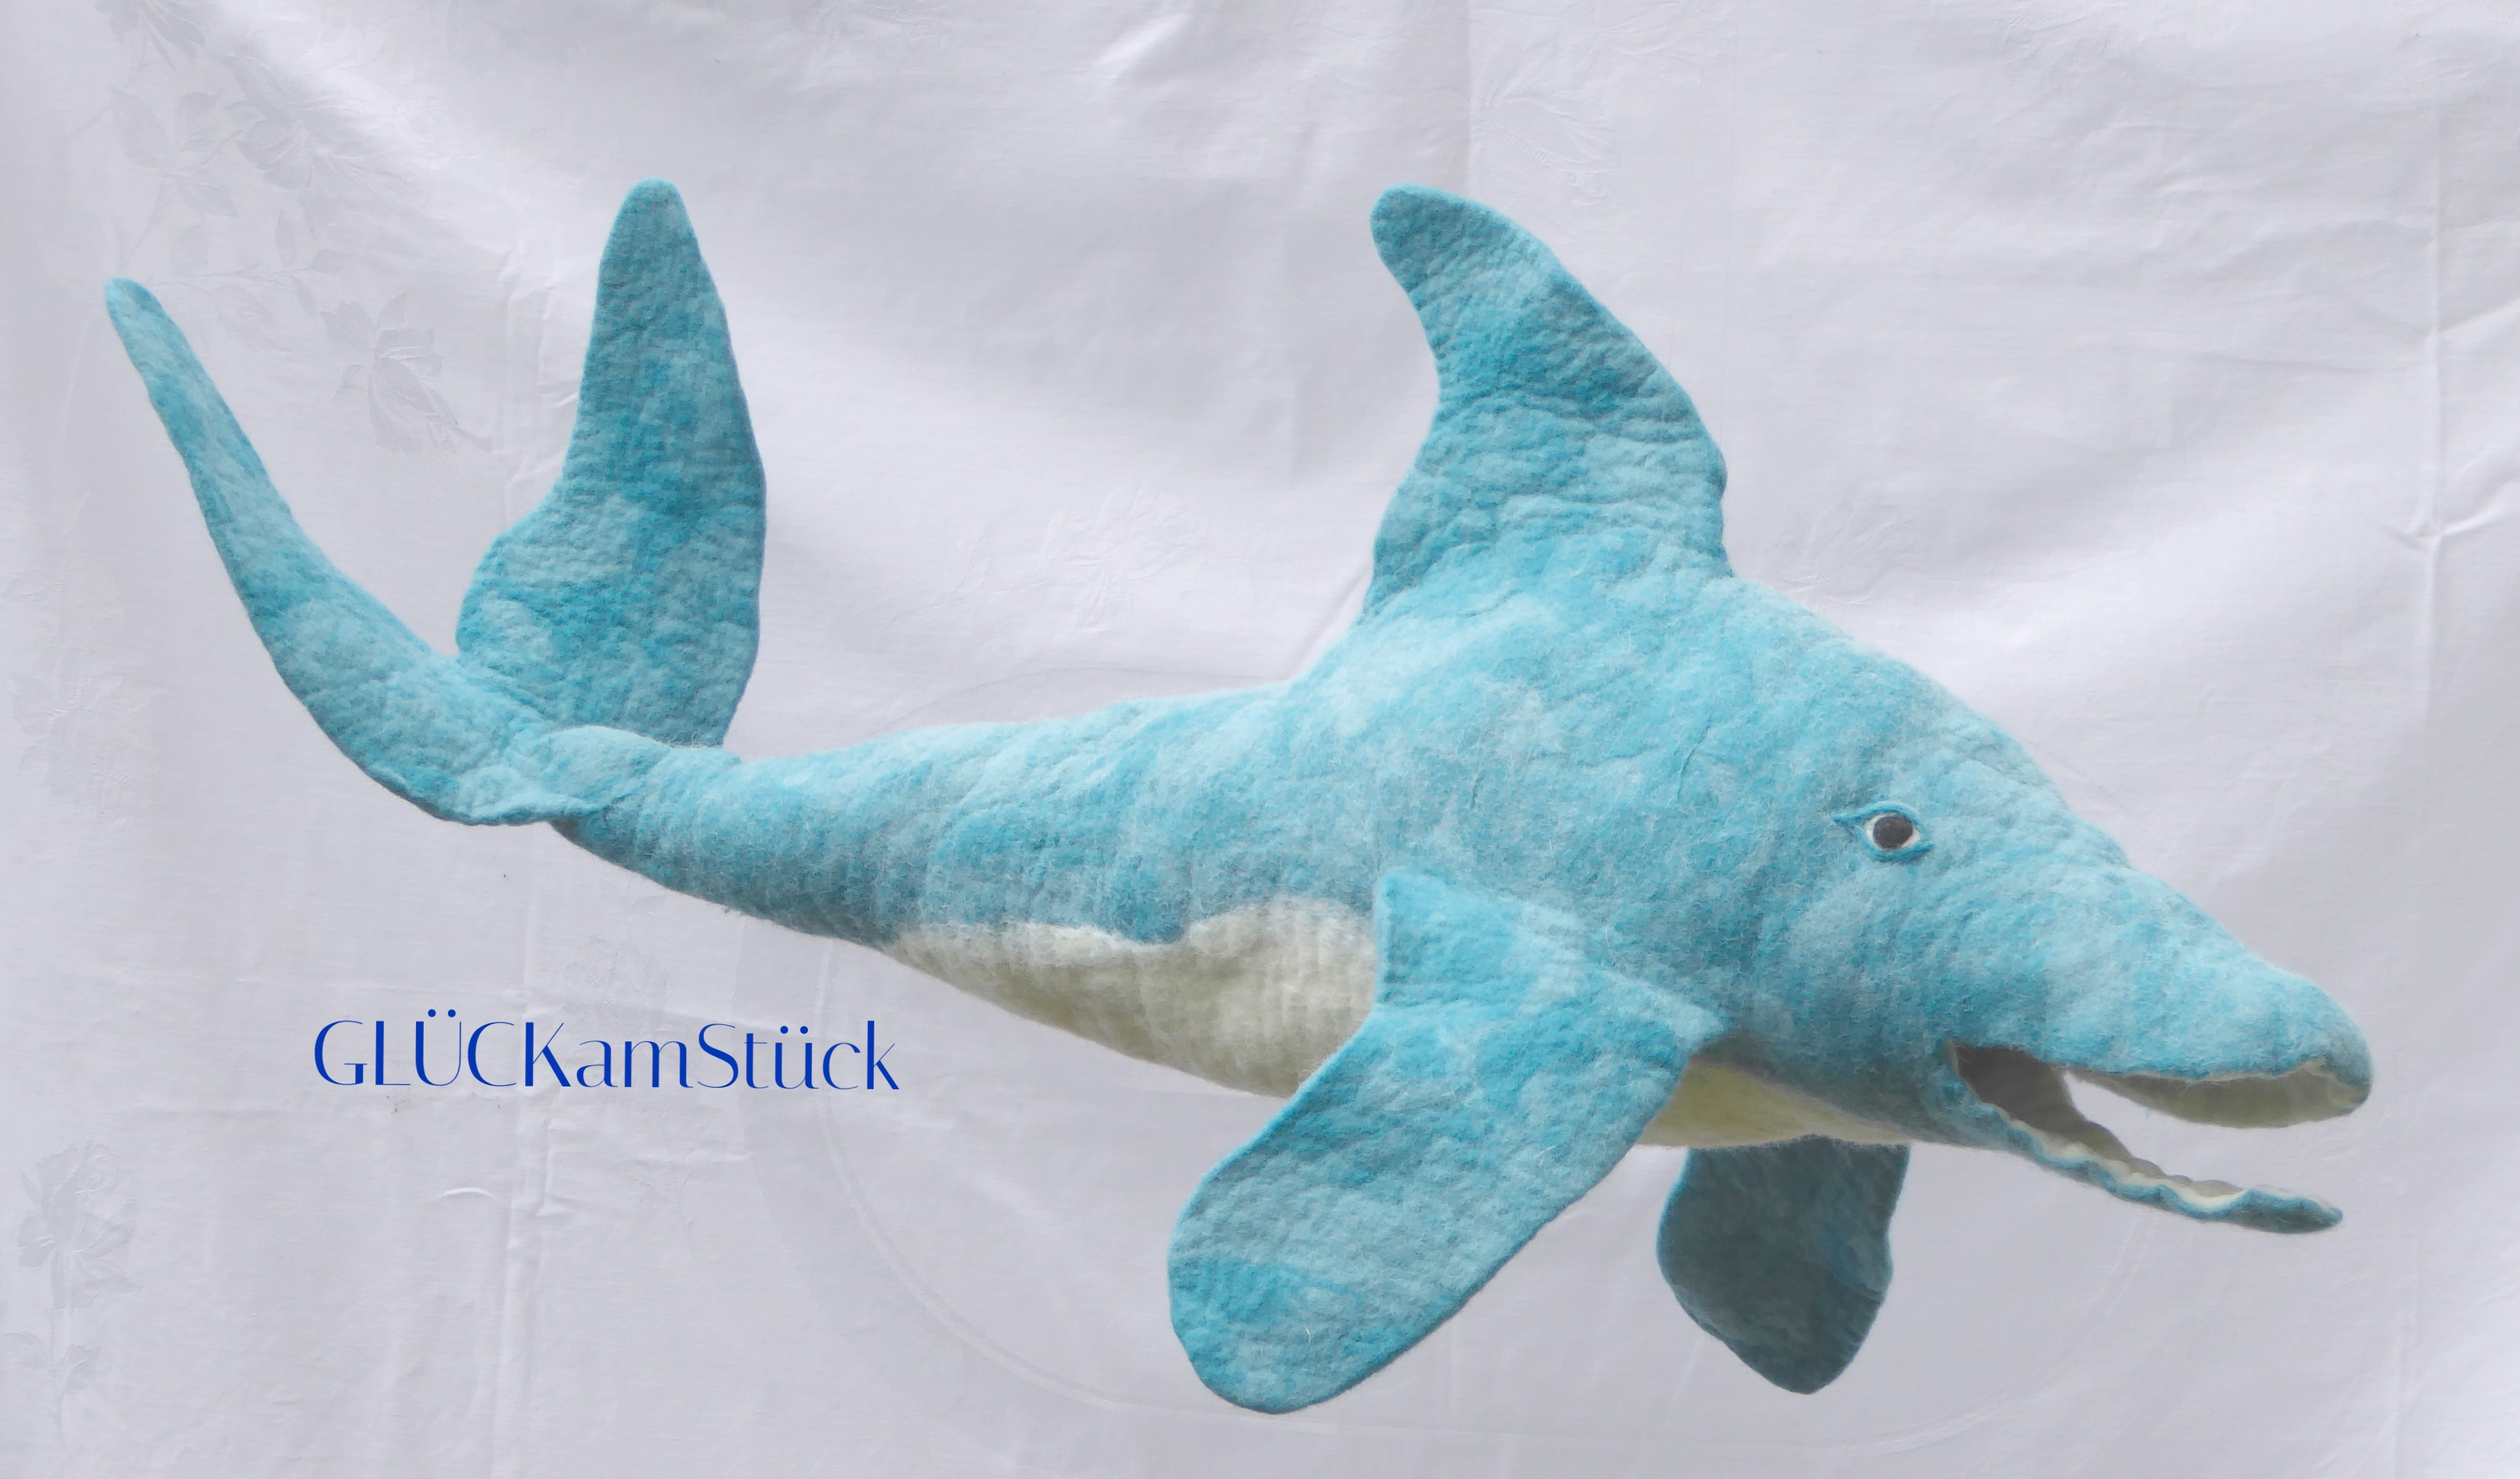 Eine Schultüte muß nicht immer eine spitze Zuckertüte sein. Ein Delfin ist zur Einschulung ein origineller Begleiter, der auch danach noch lange Freude macht. Ich filze Ihnen gerne diese Schultüte.